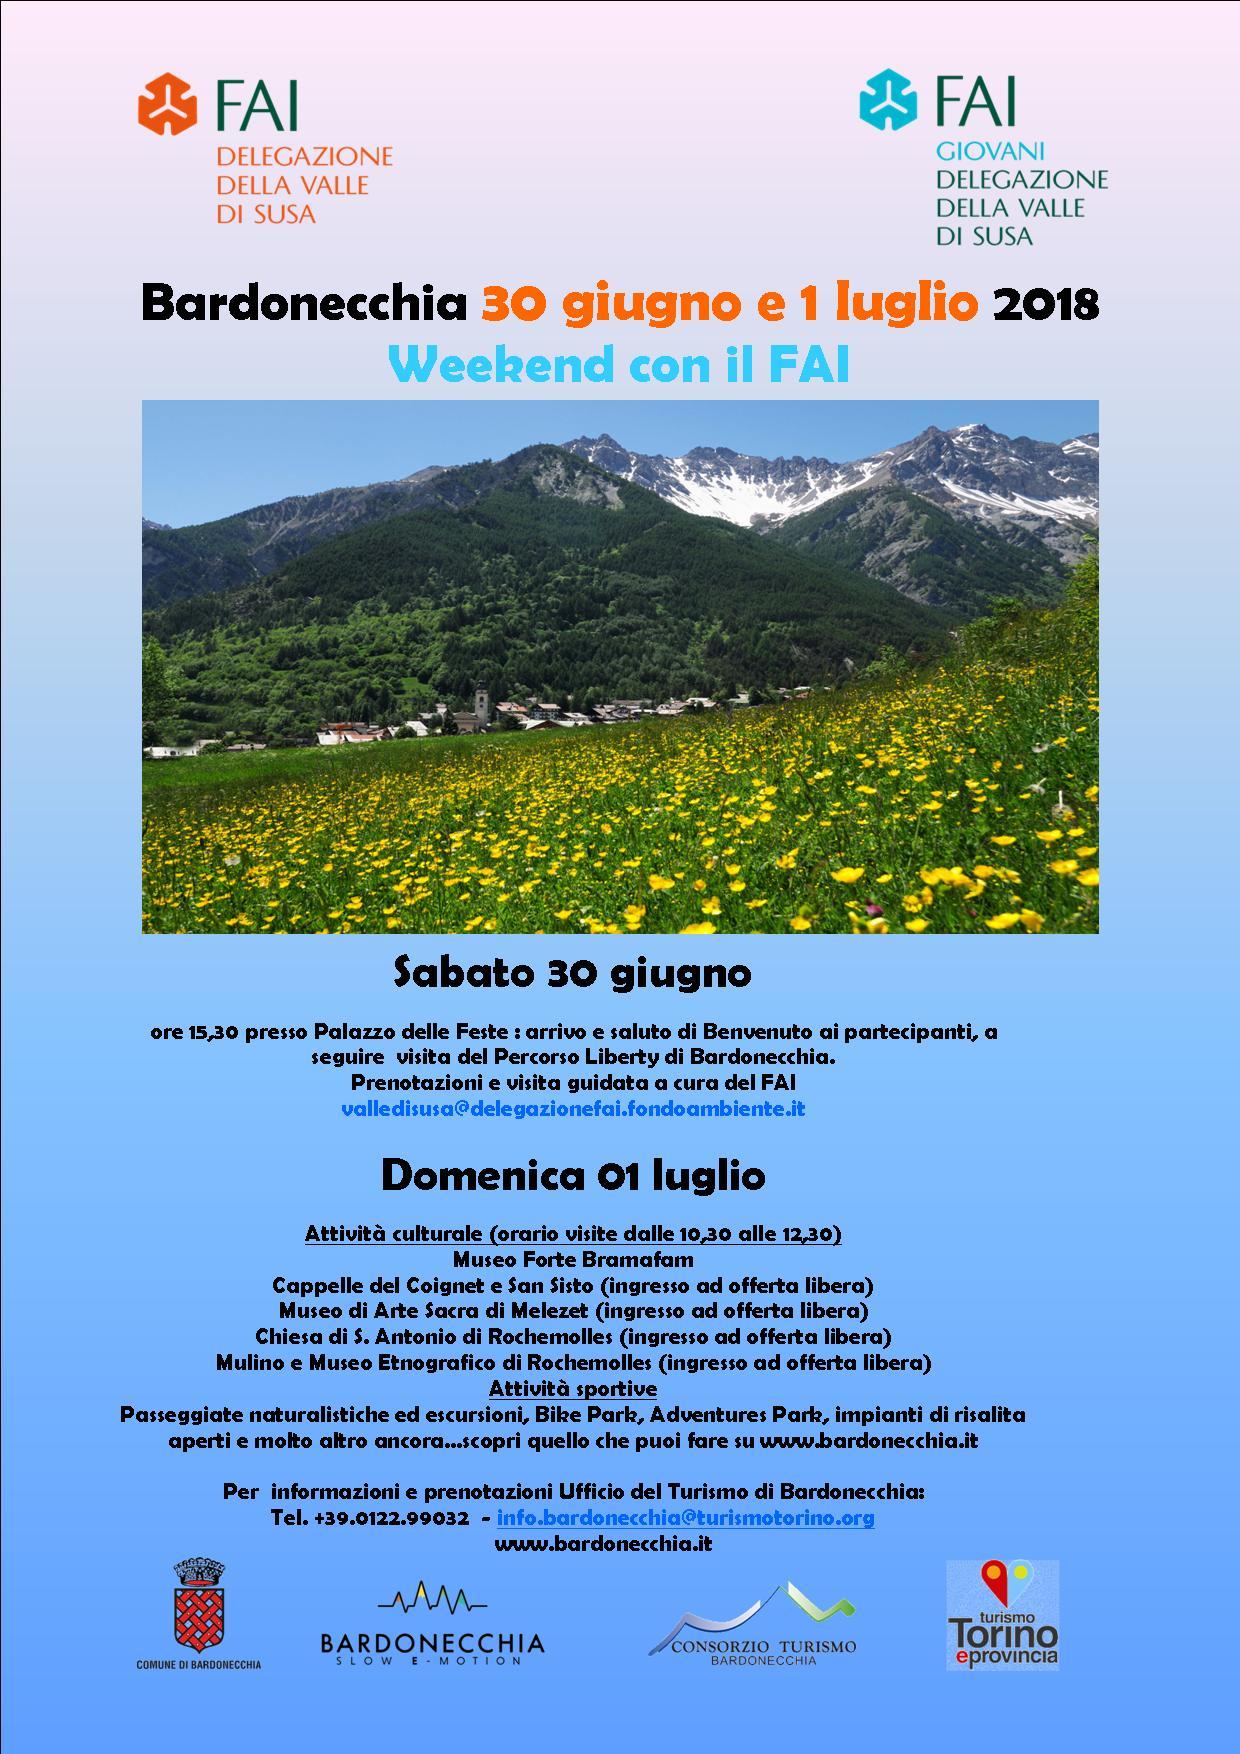 Bardonecchia Newsletter dal 25 giugno al 1° luglio 2018